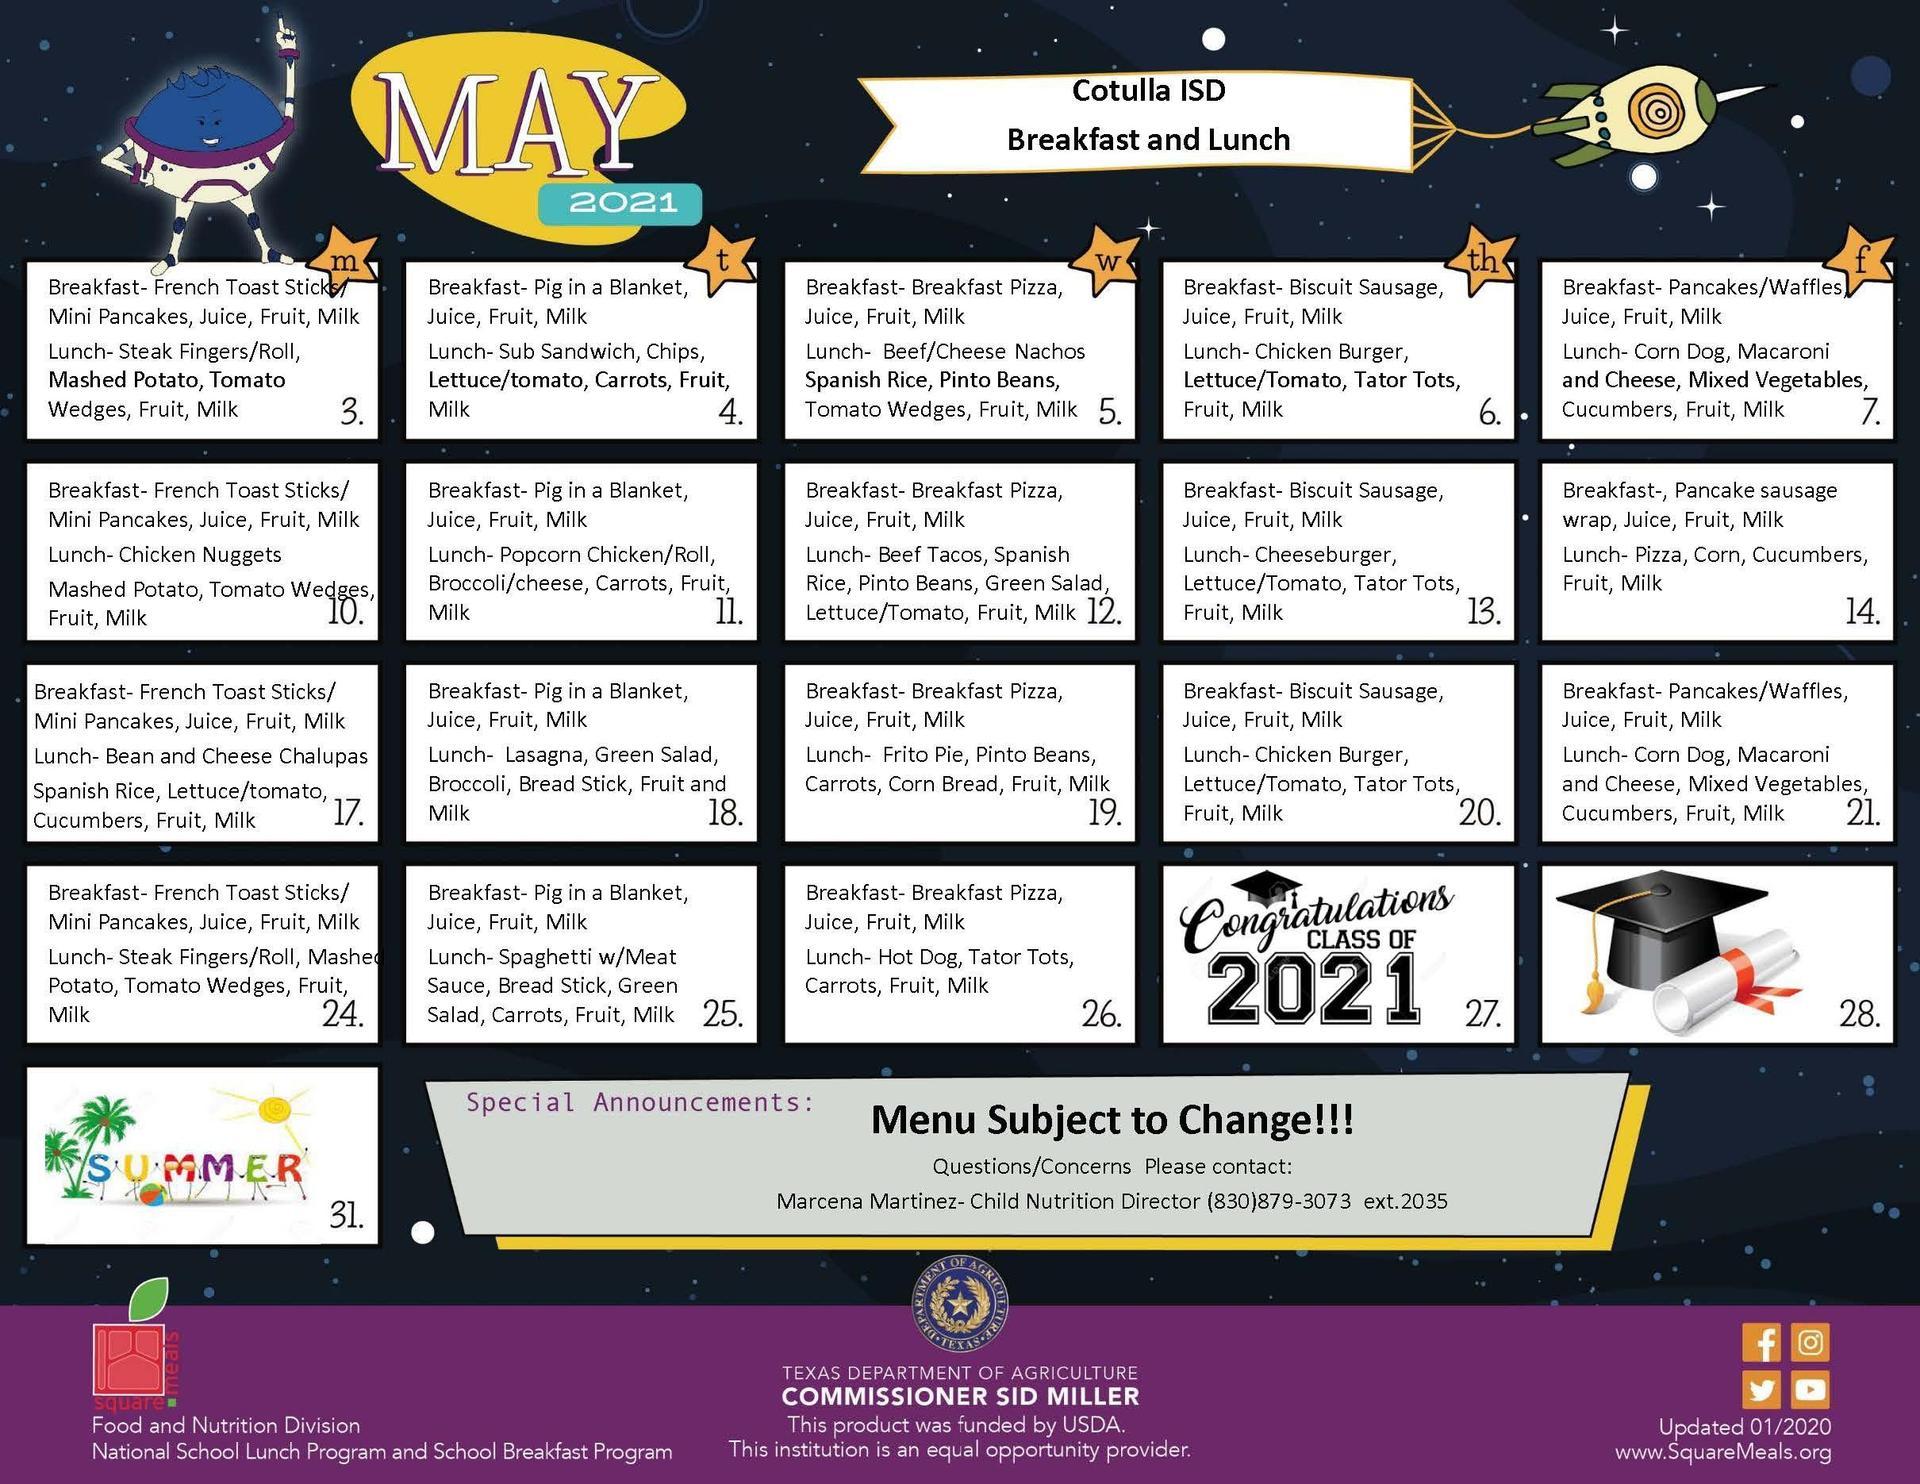 May 2021 Menu